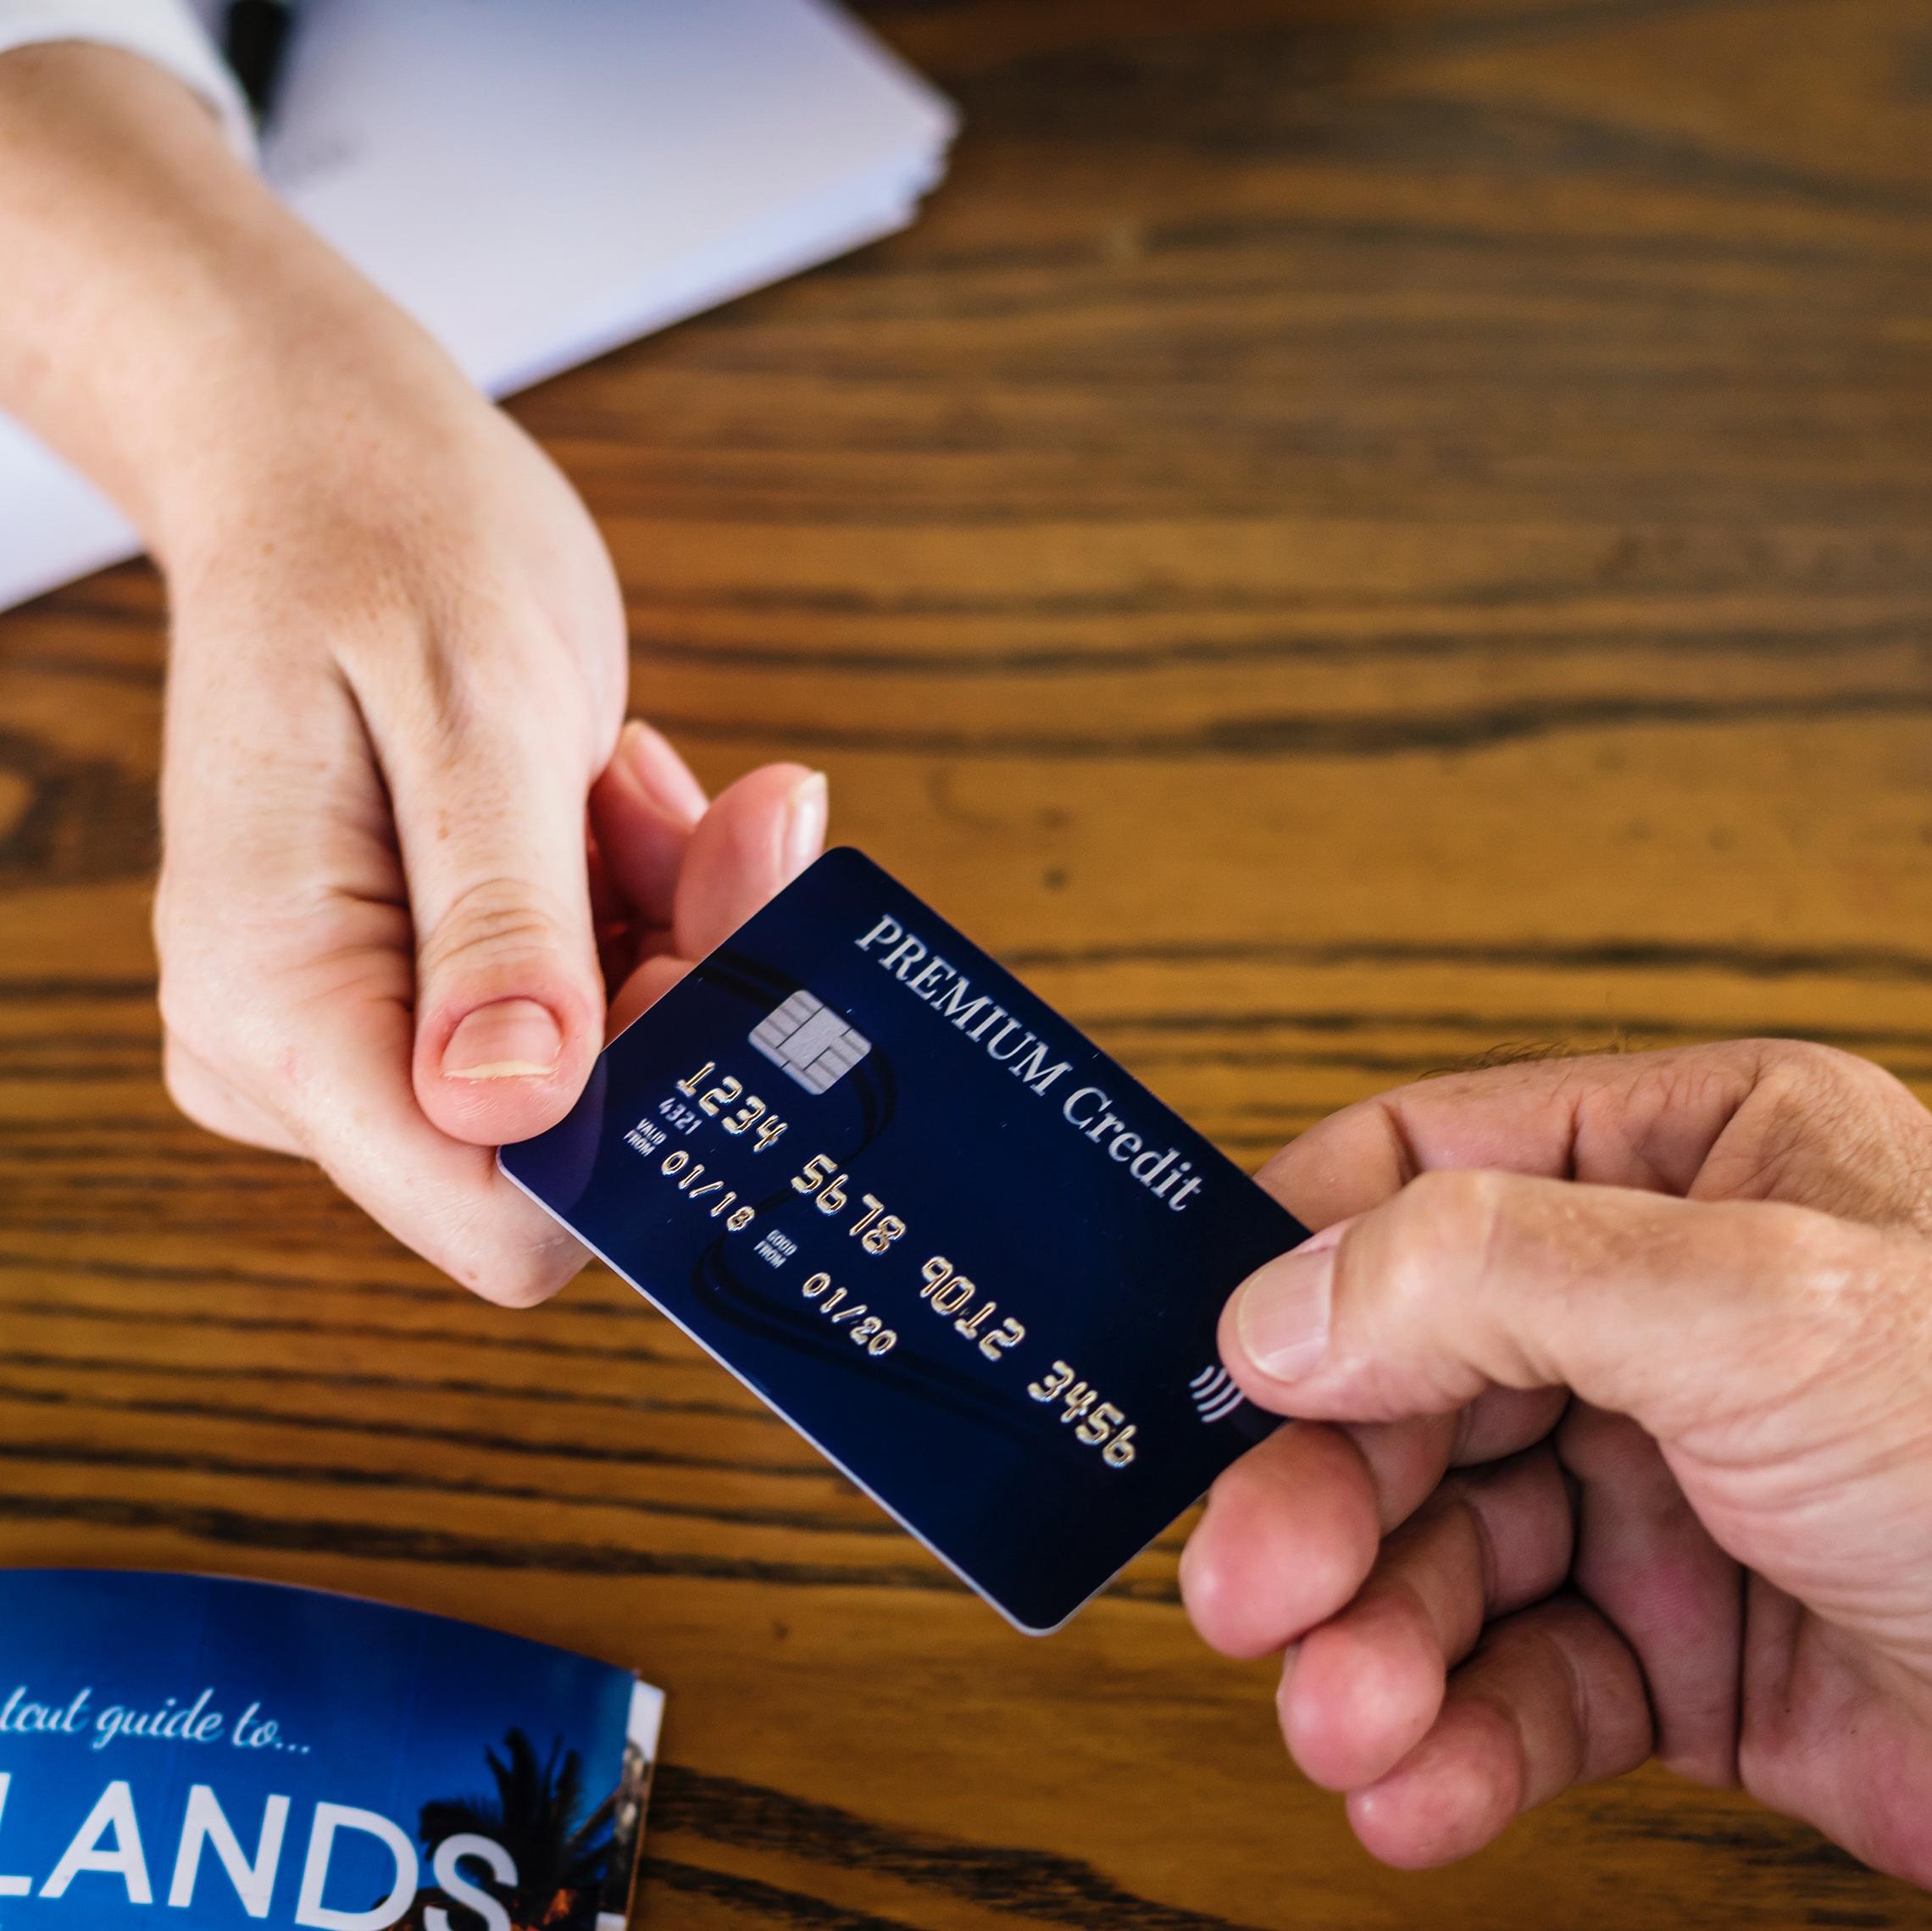 pagos digitales Los datos bancarios son de los clientes  y estos pueden cederlos a terceros, según la Directiva PSD2